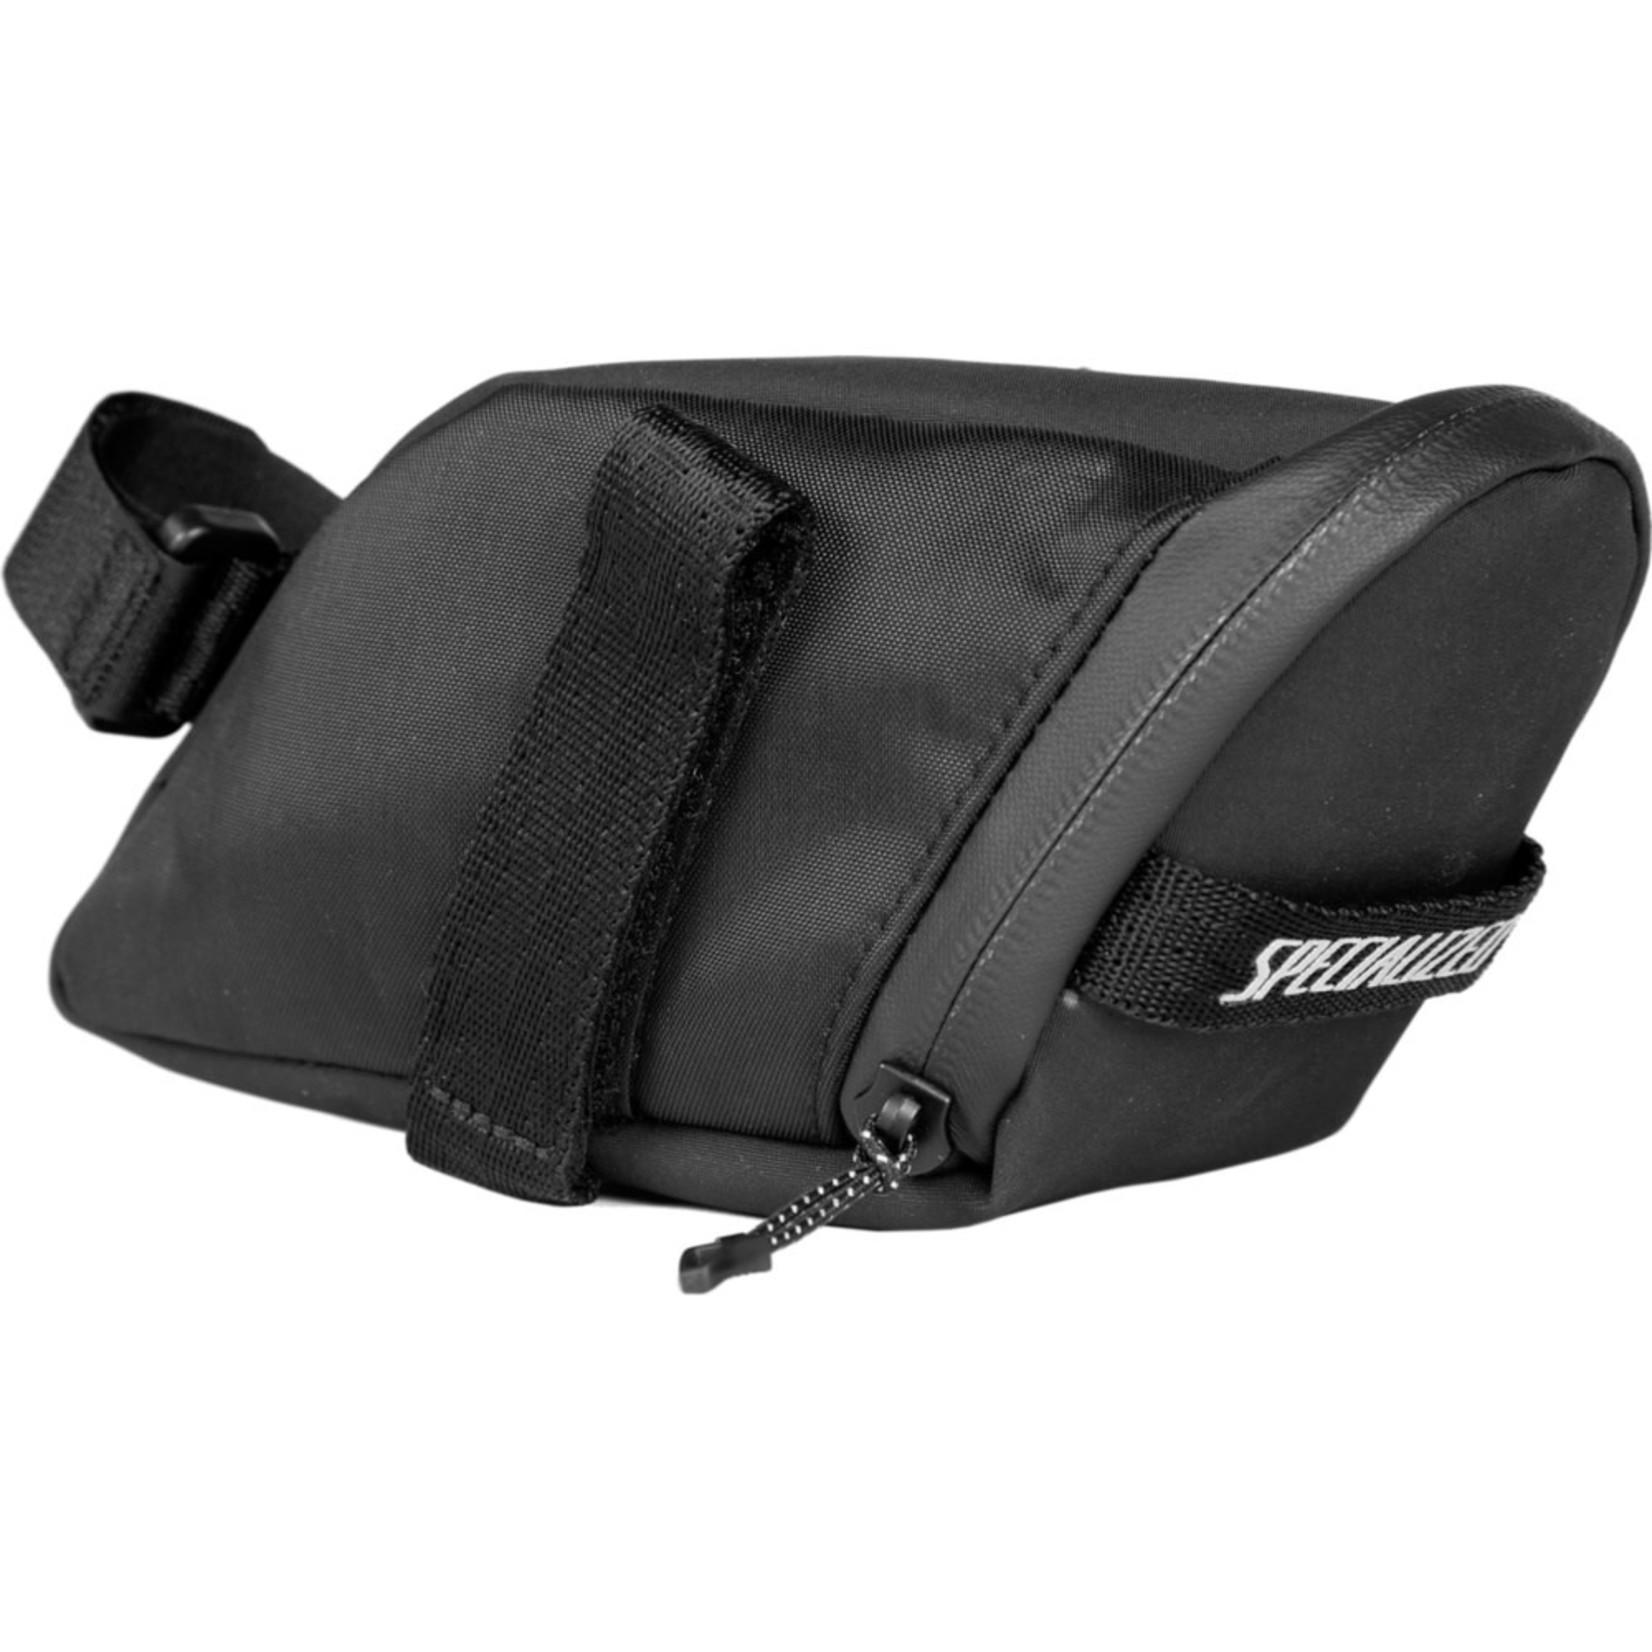 Specialized Specialized Mini Wedgie Seat Bag Black